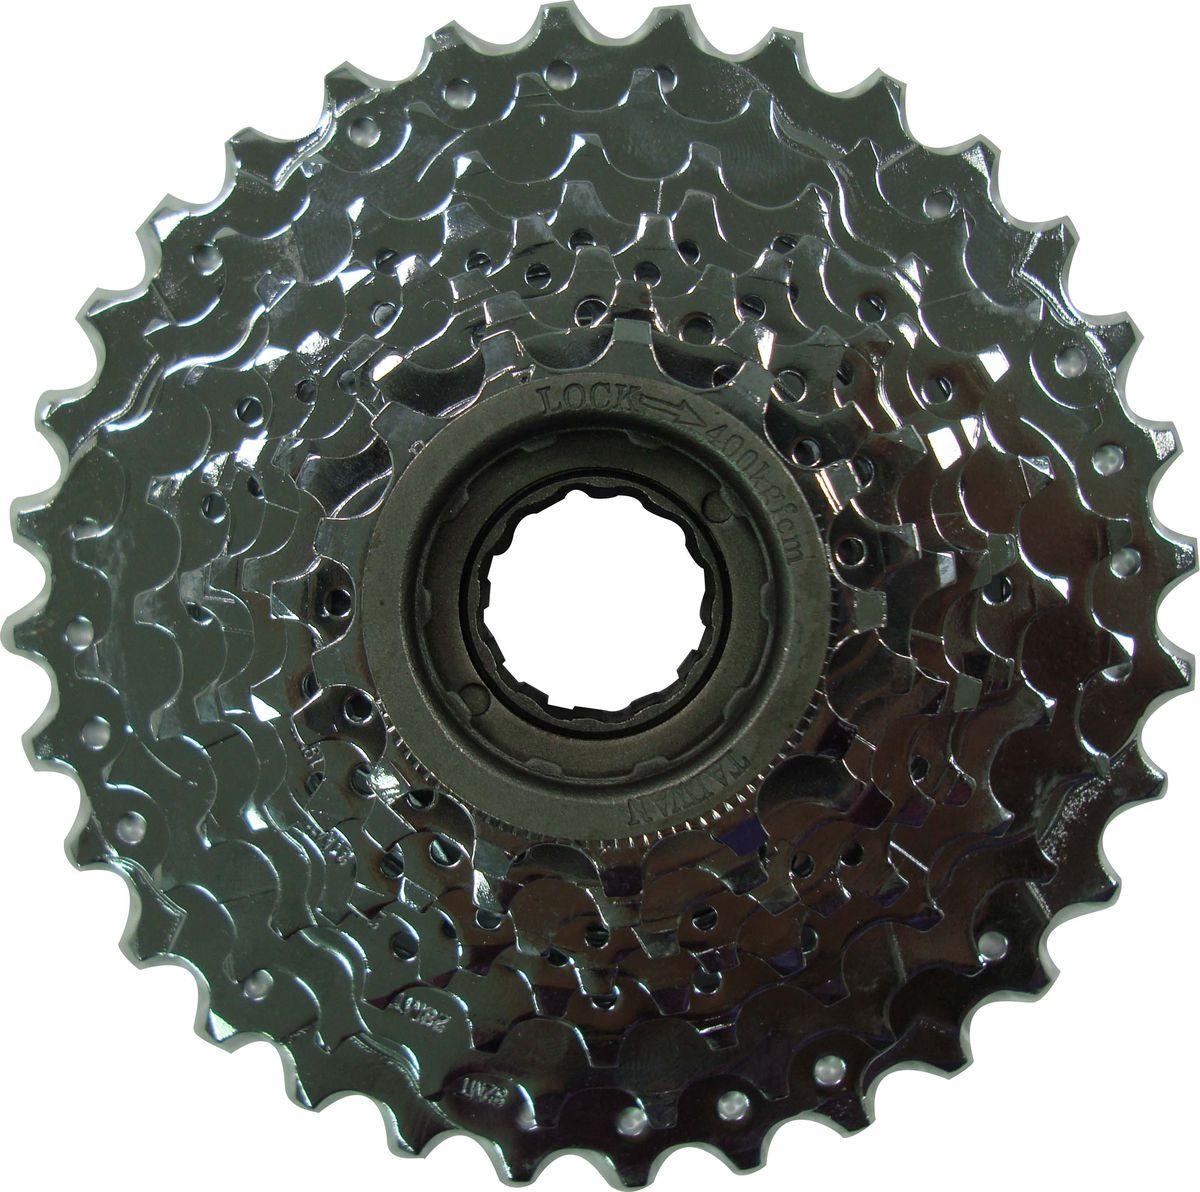 Фото - Трещотка Bike Attitude, FW8332, 8 скоростей, черный шатуны sun race fcm904 8 9 скоростей 42 34 24 под квадрат